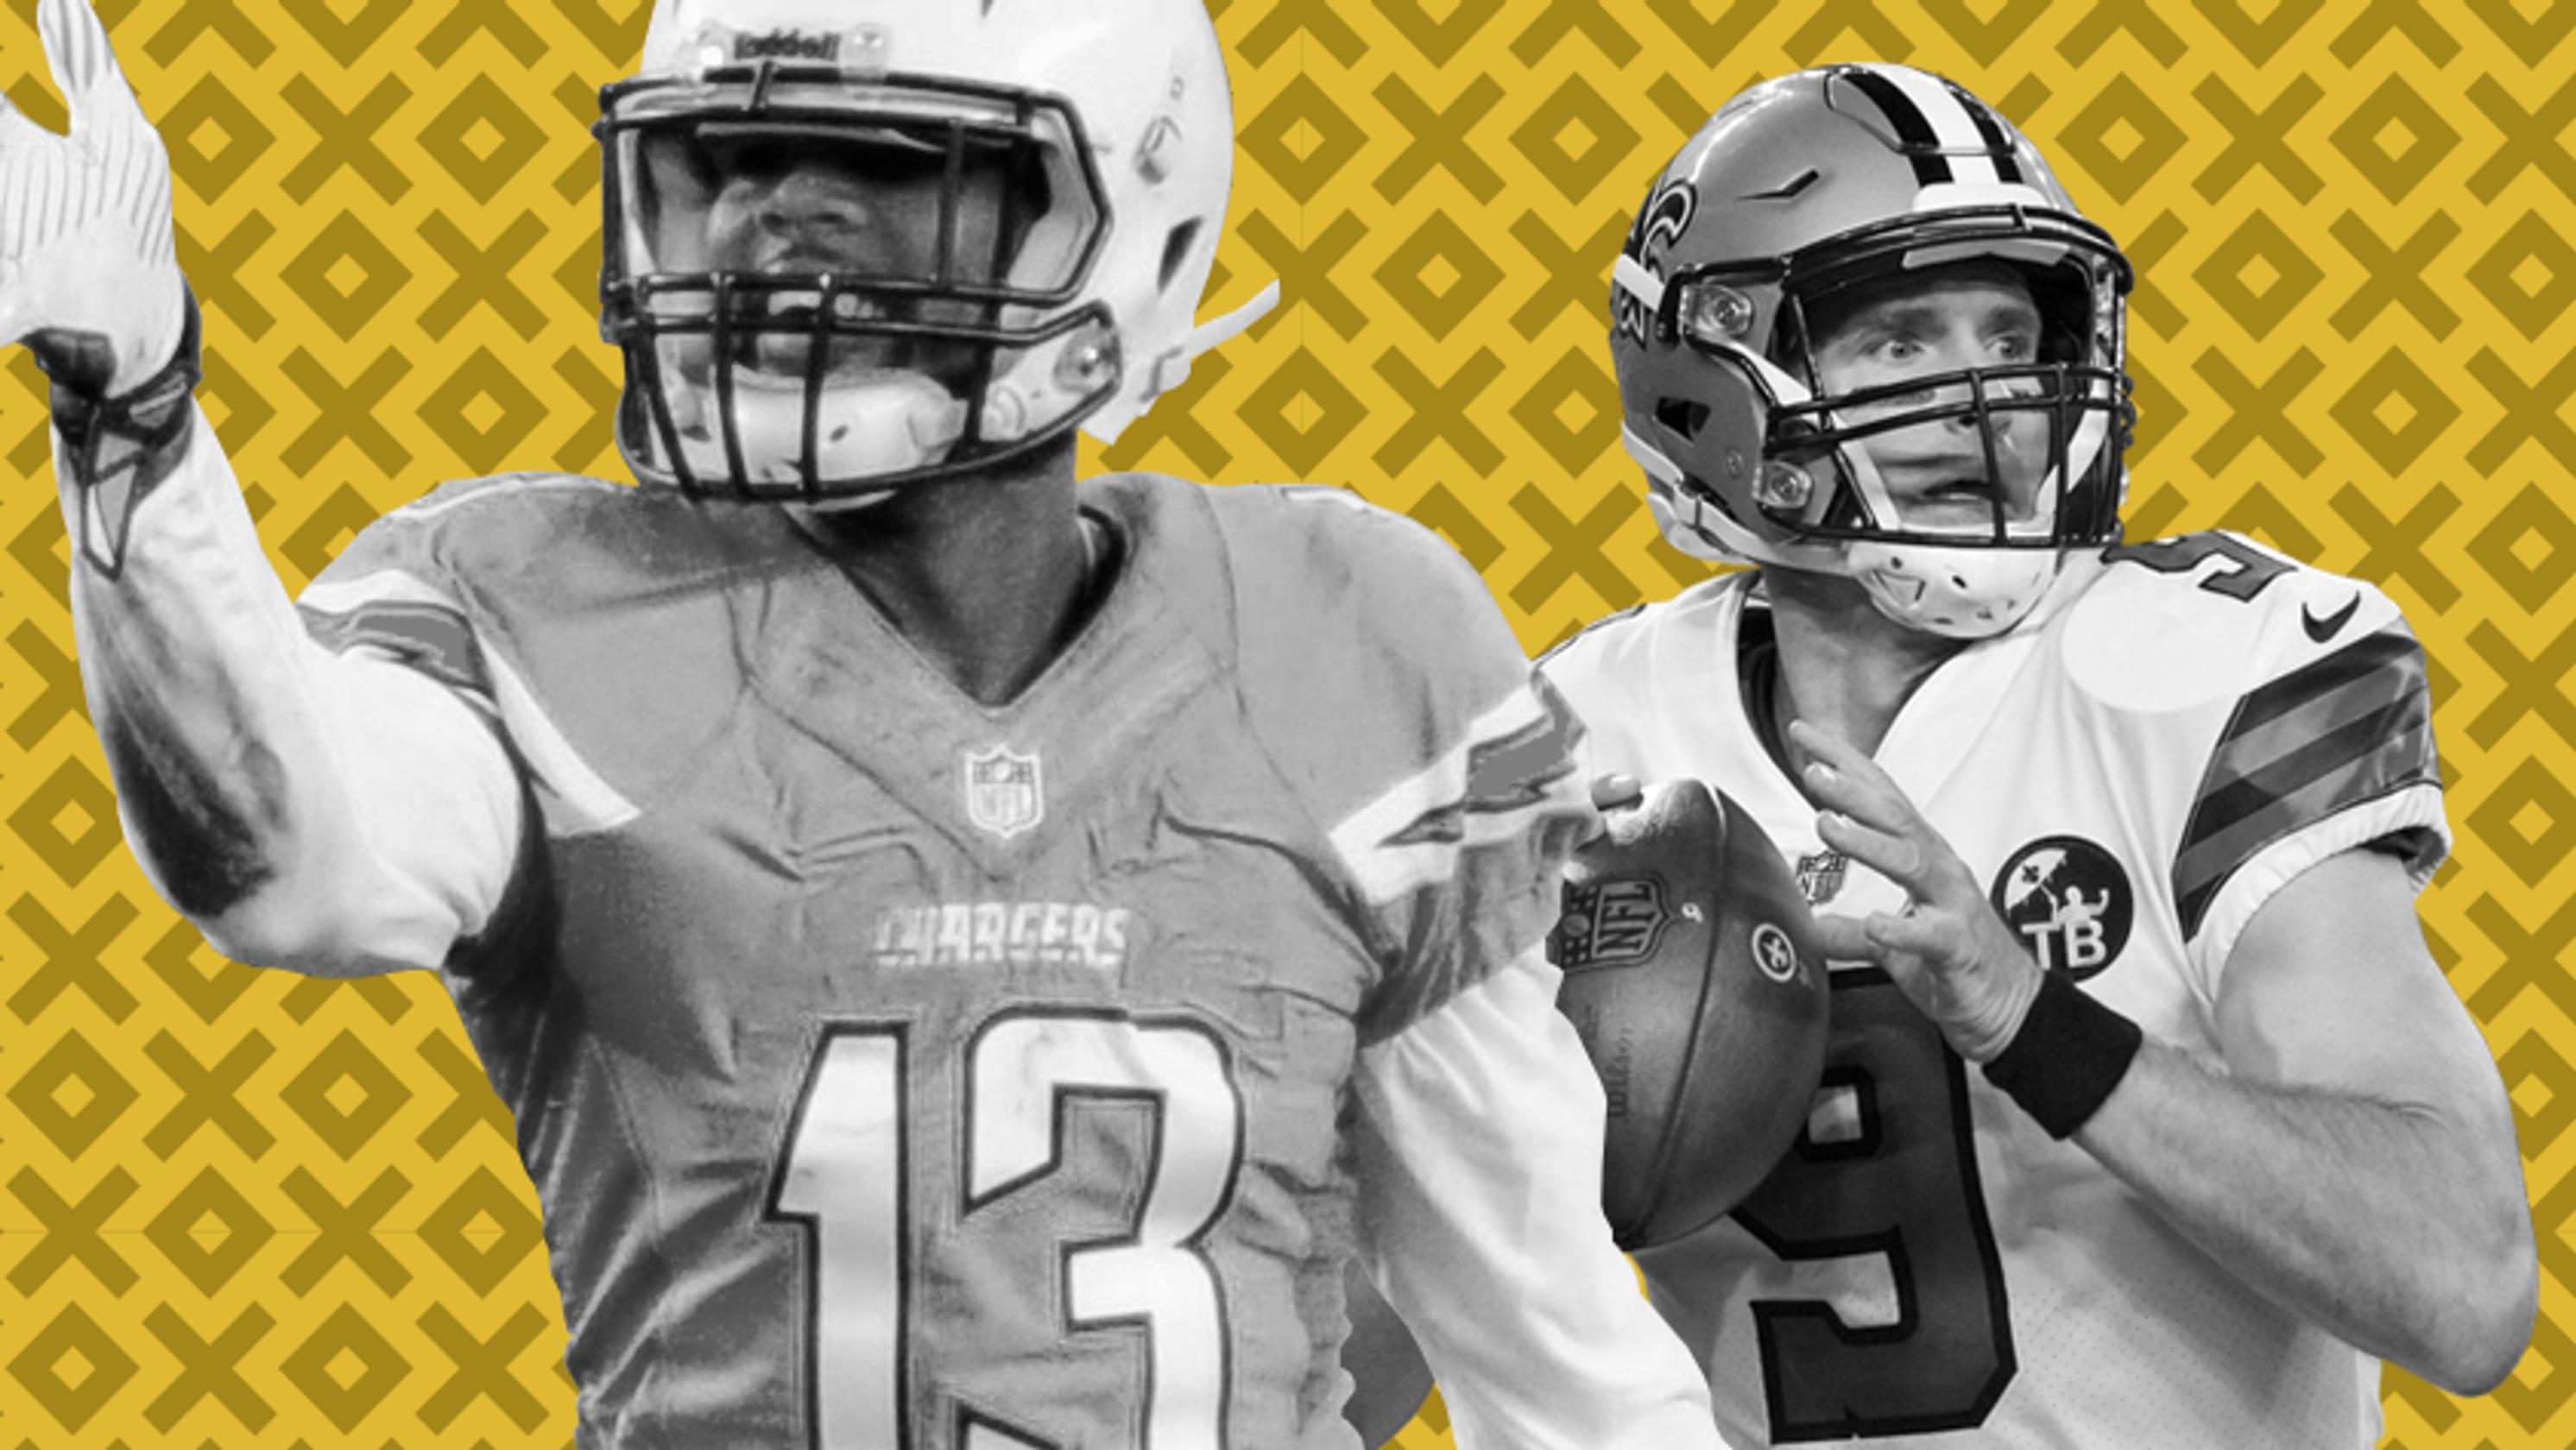 Classificação de potência da NFL: Santos substituem Rams no 1º lugar, Steelers cai do Top 10